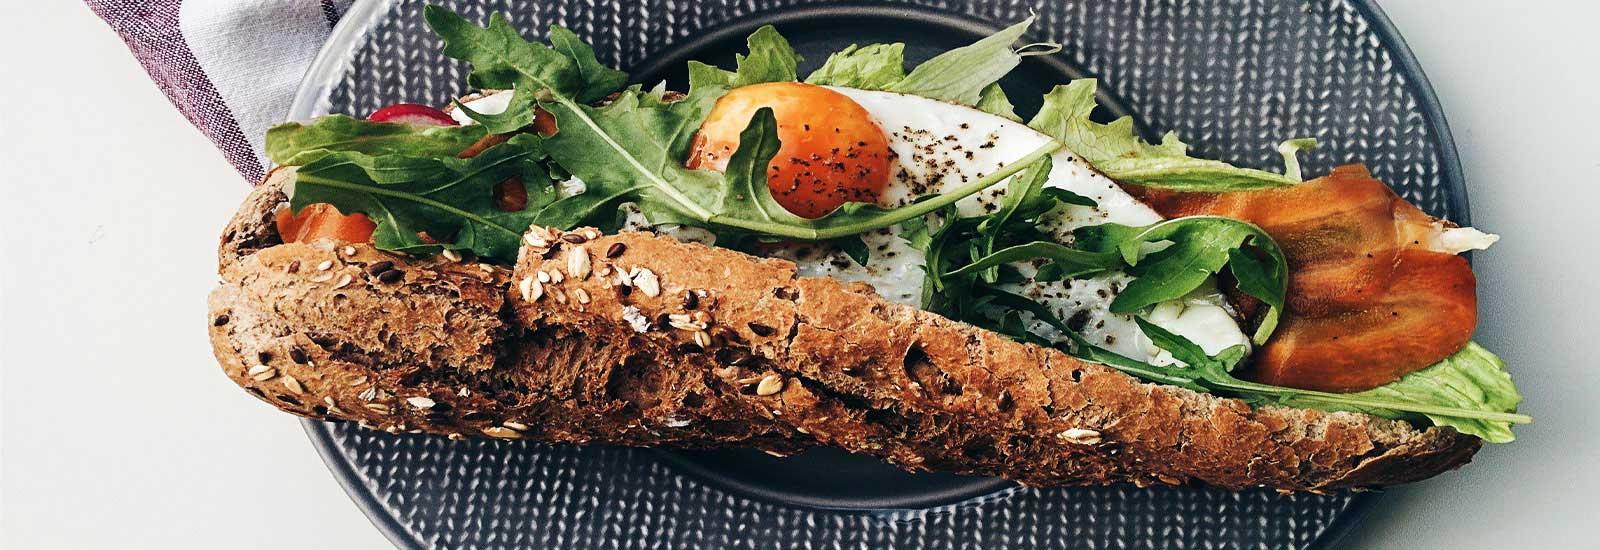 śniadanie warsztaty dietetyczne